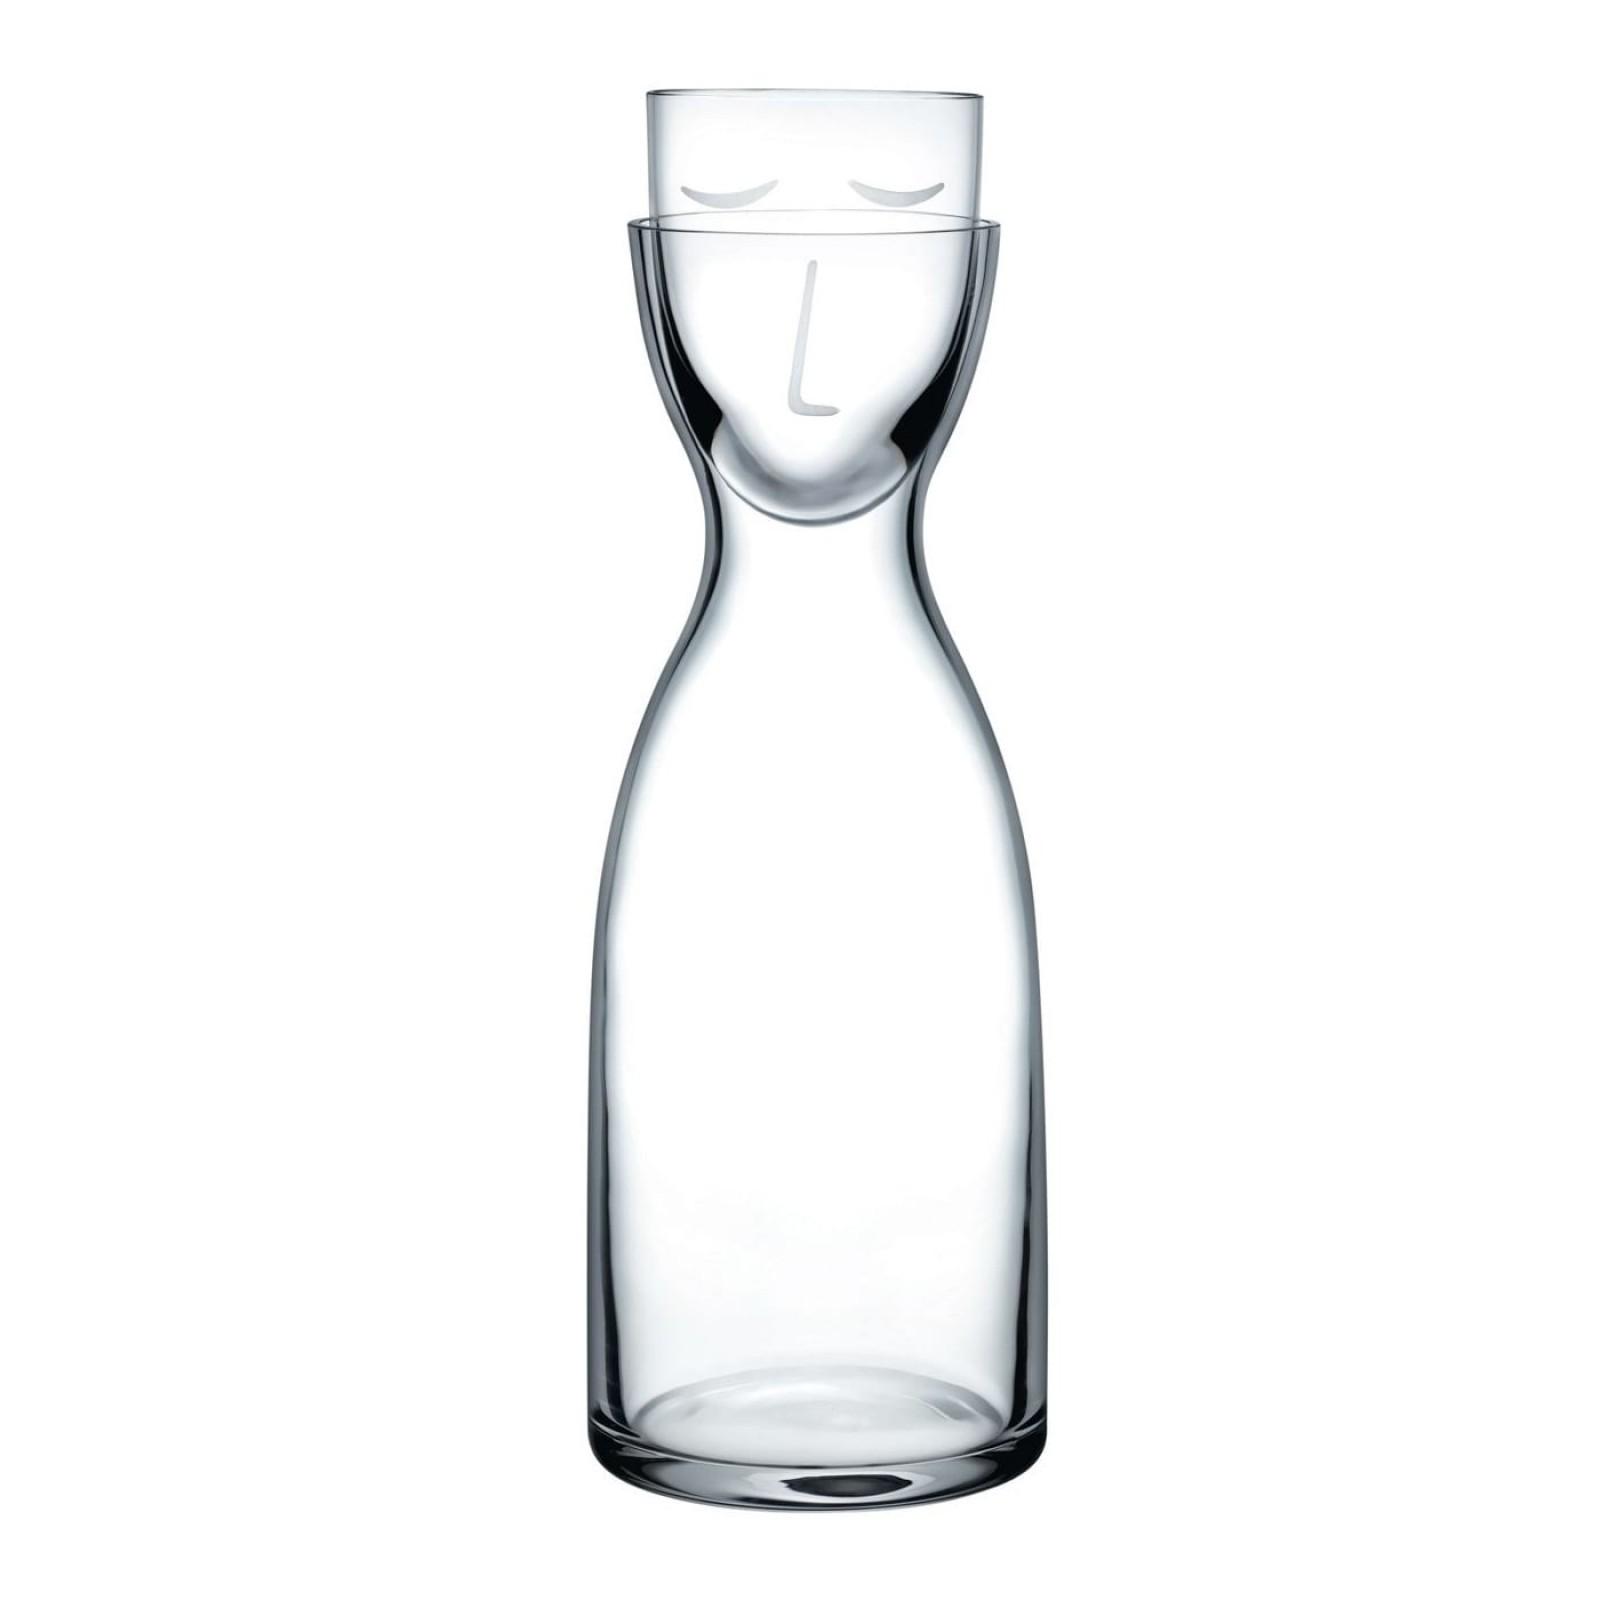 Κρυστάλλινη Καράφα με Ποτήρι Mr. & Mrs. Night Tall (Διάφανο) - Nude Glass